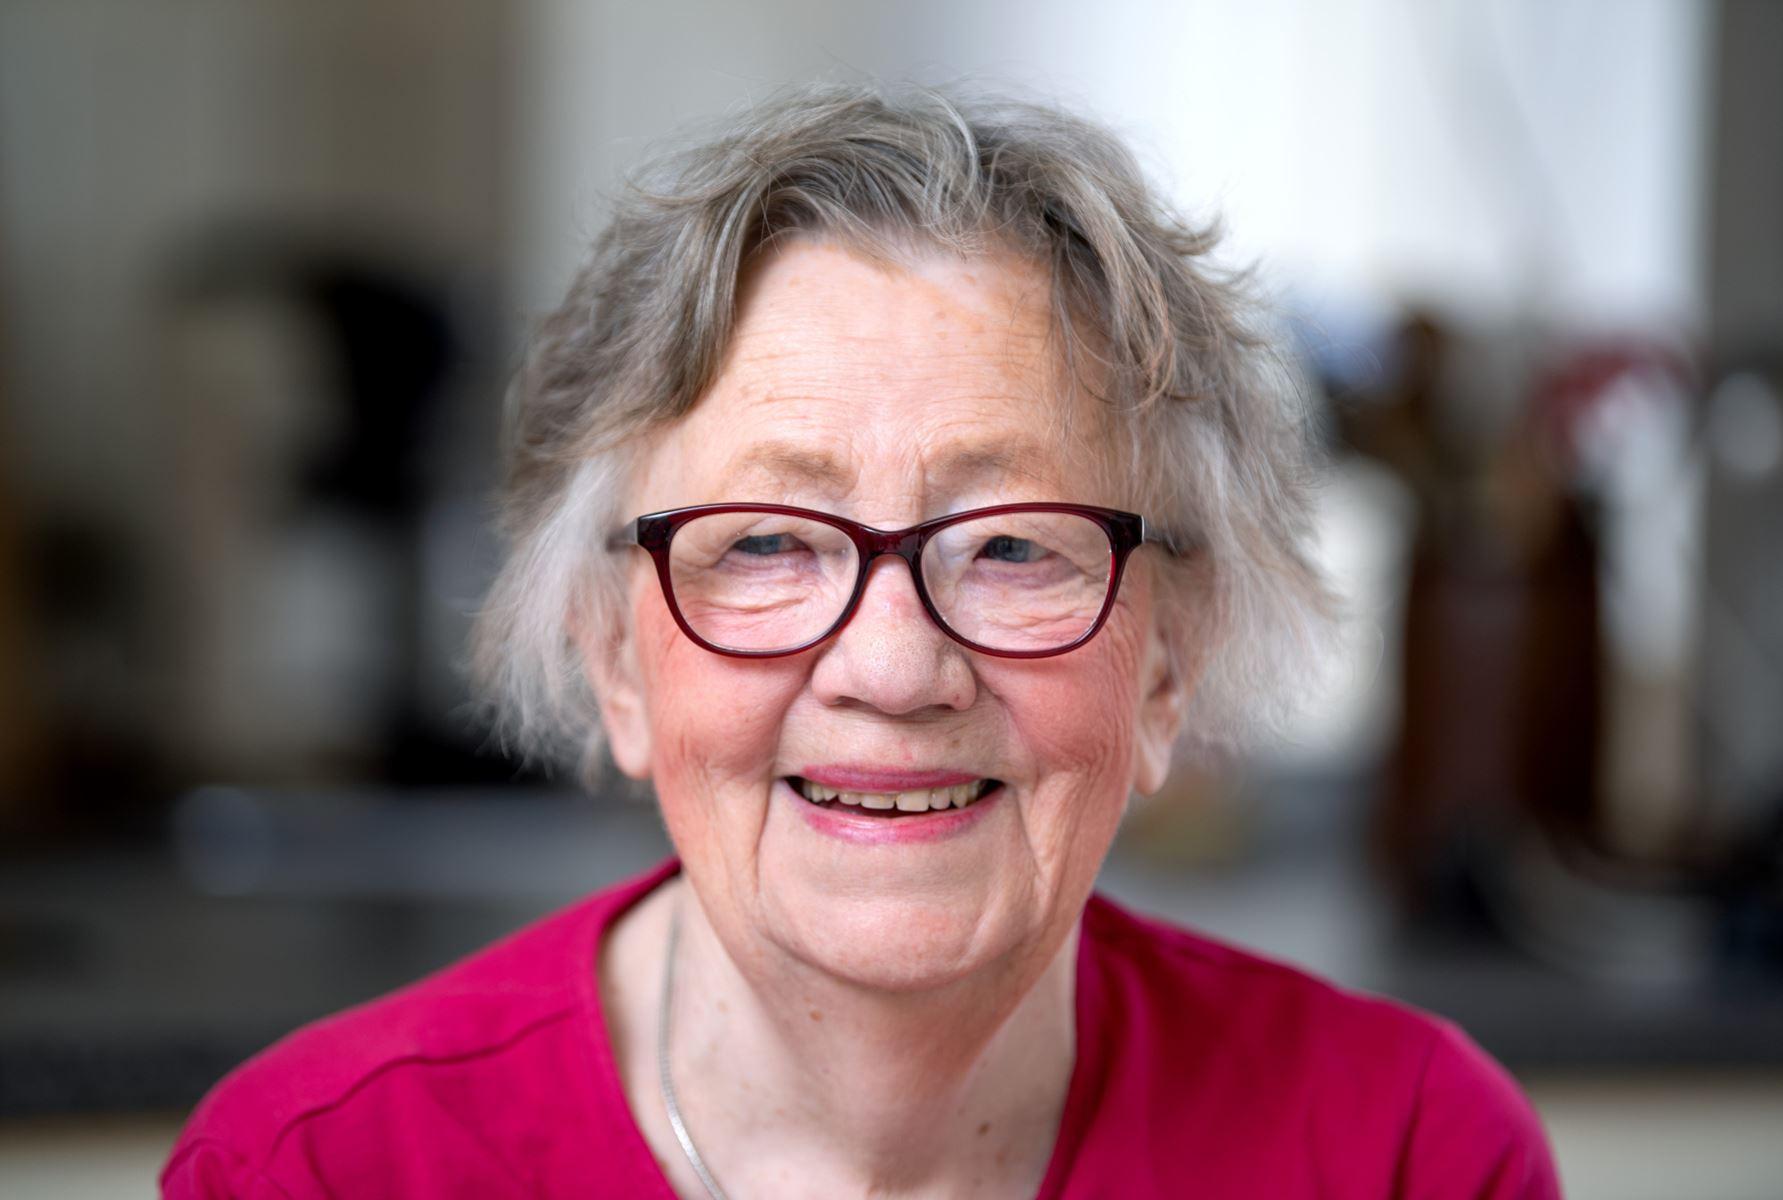 Tove Bærnthsen skrev sin første revytekst i 1977, og siden har hun dyppet Hobro og byens kendisser i satirens krasse blæk et utal af gange